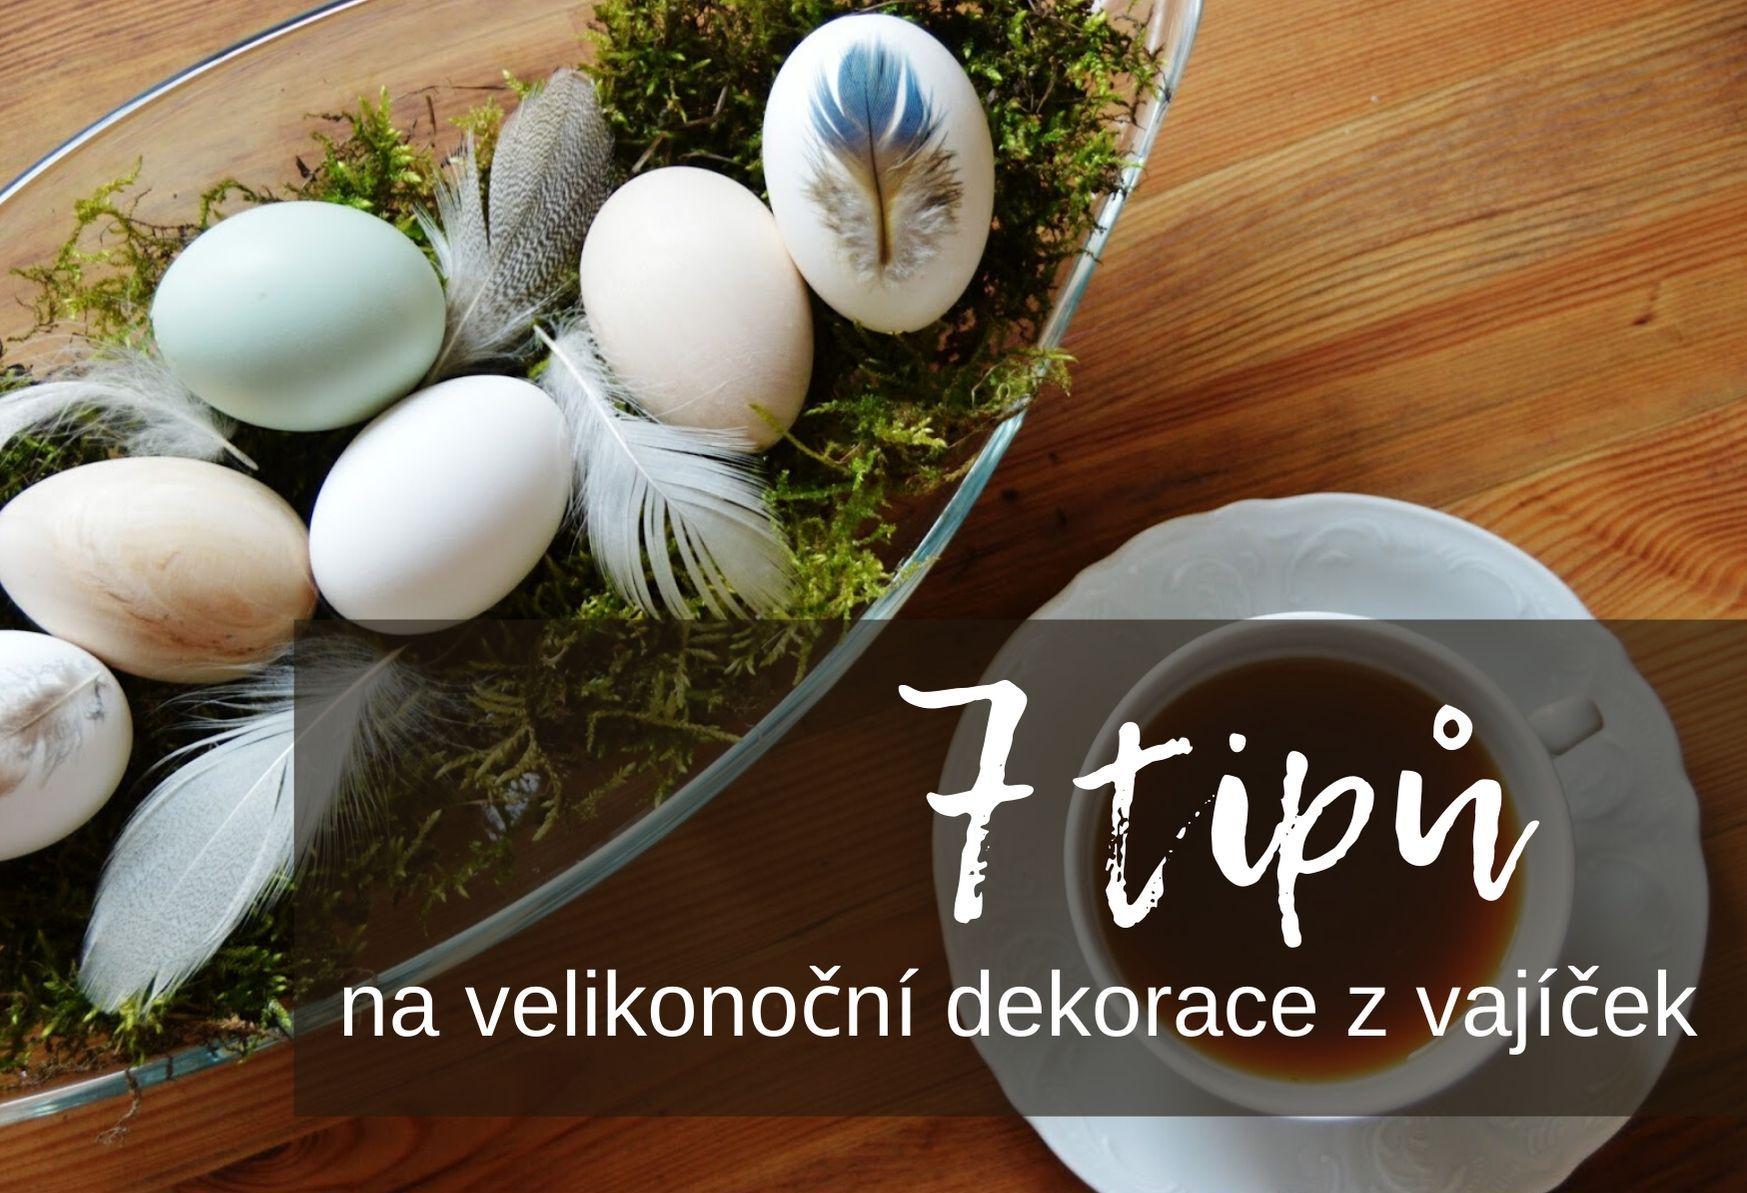 Velikonoční dekorace 7x jinak, aneb netradiční zdobení vajíček